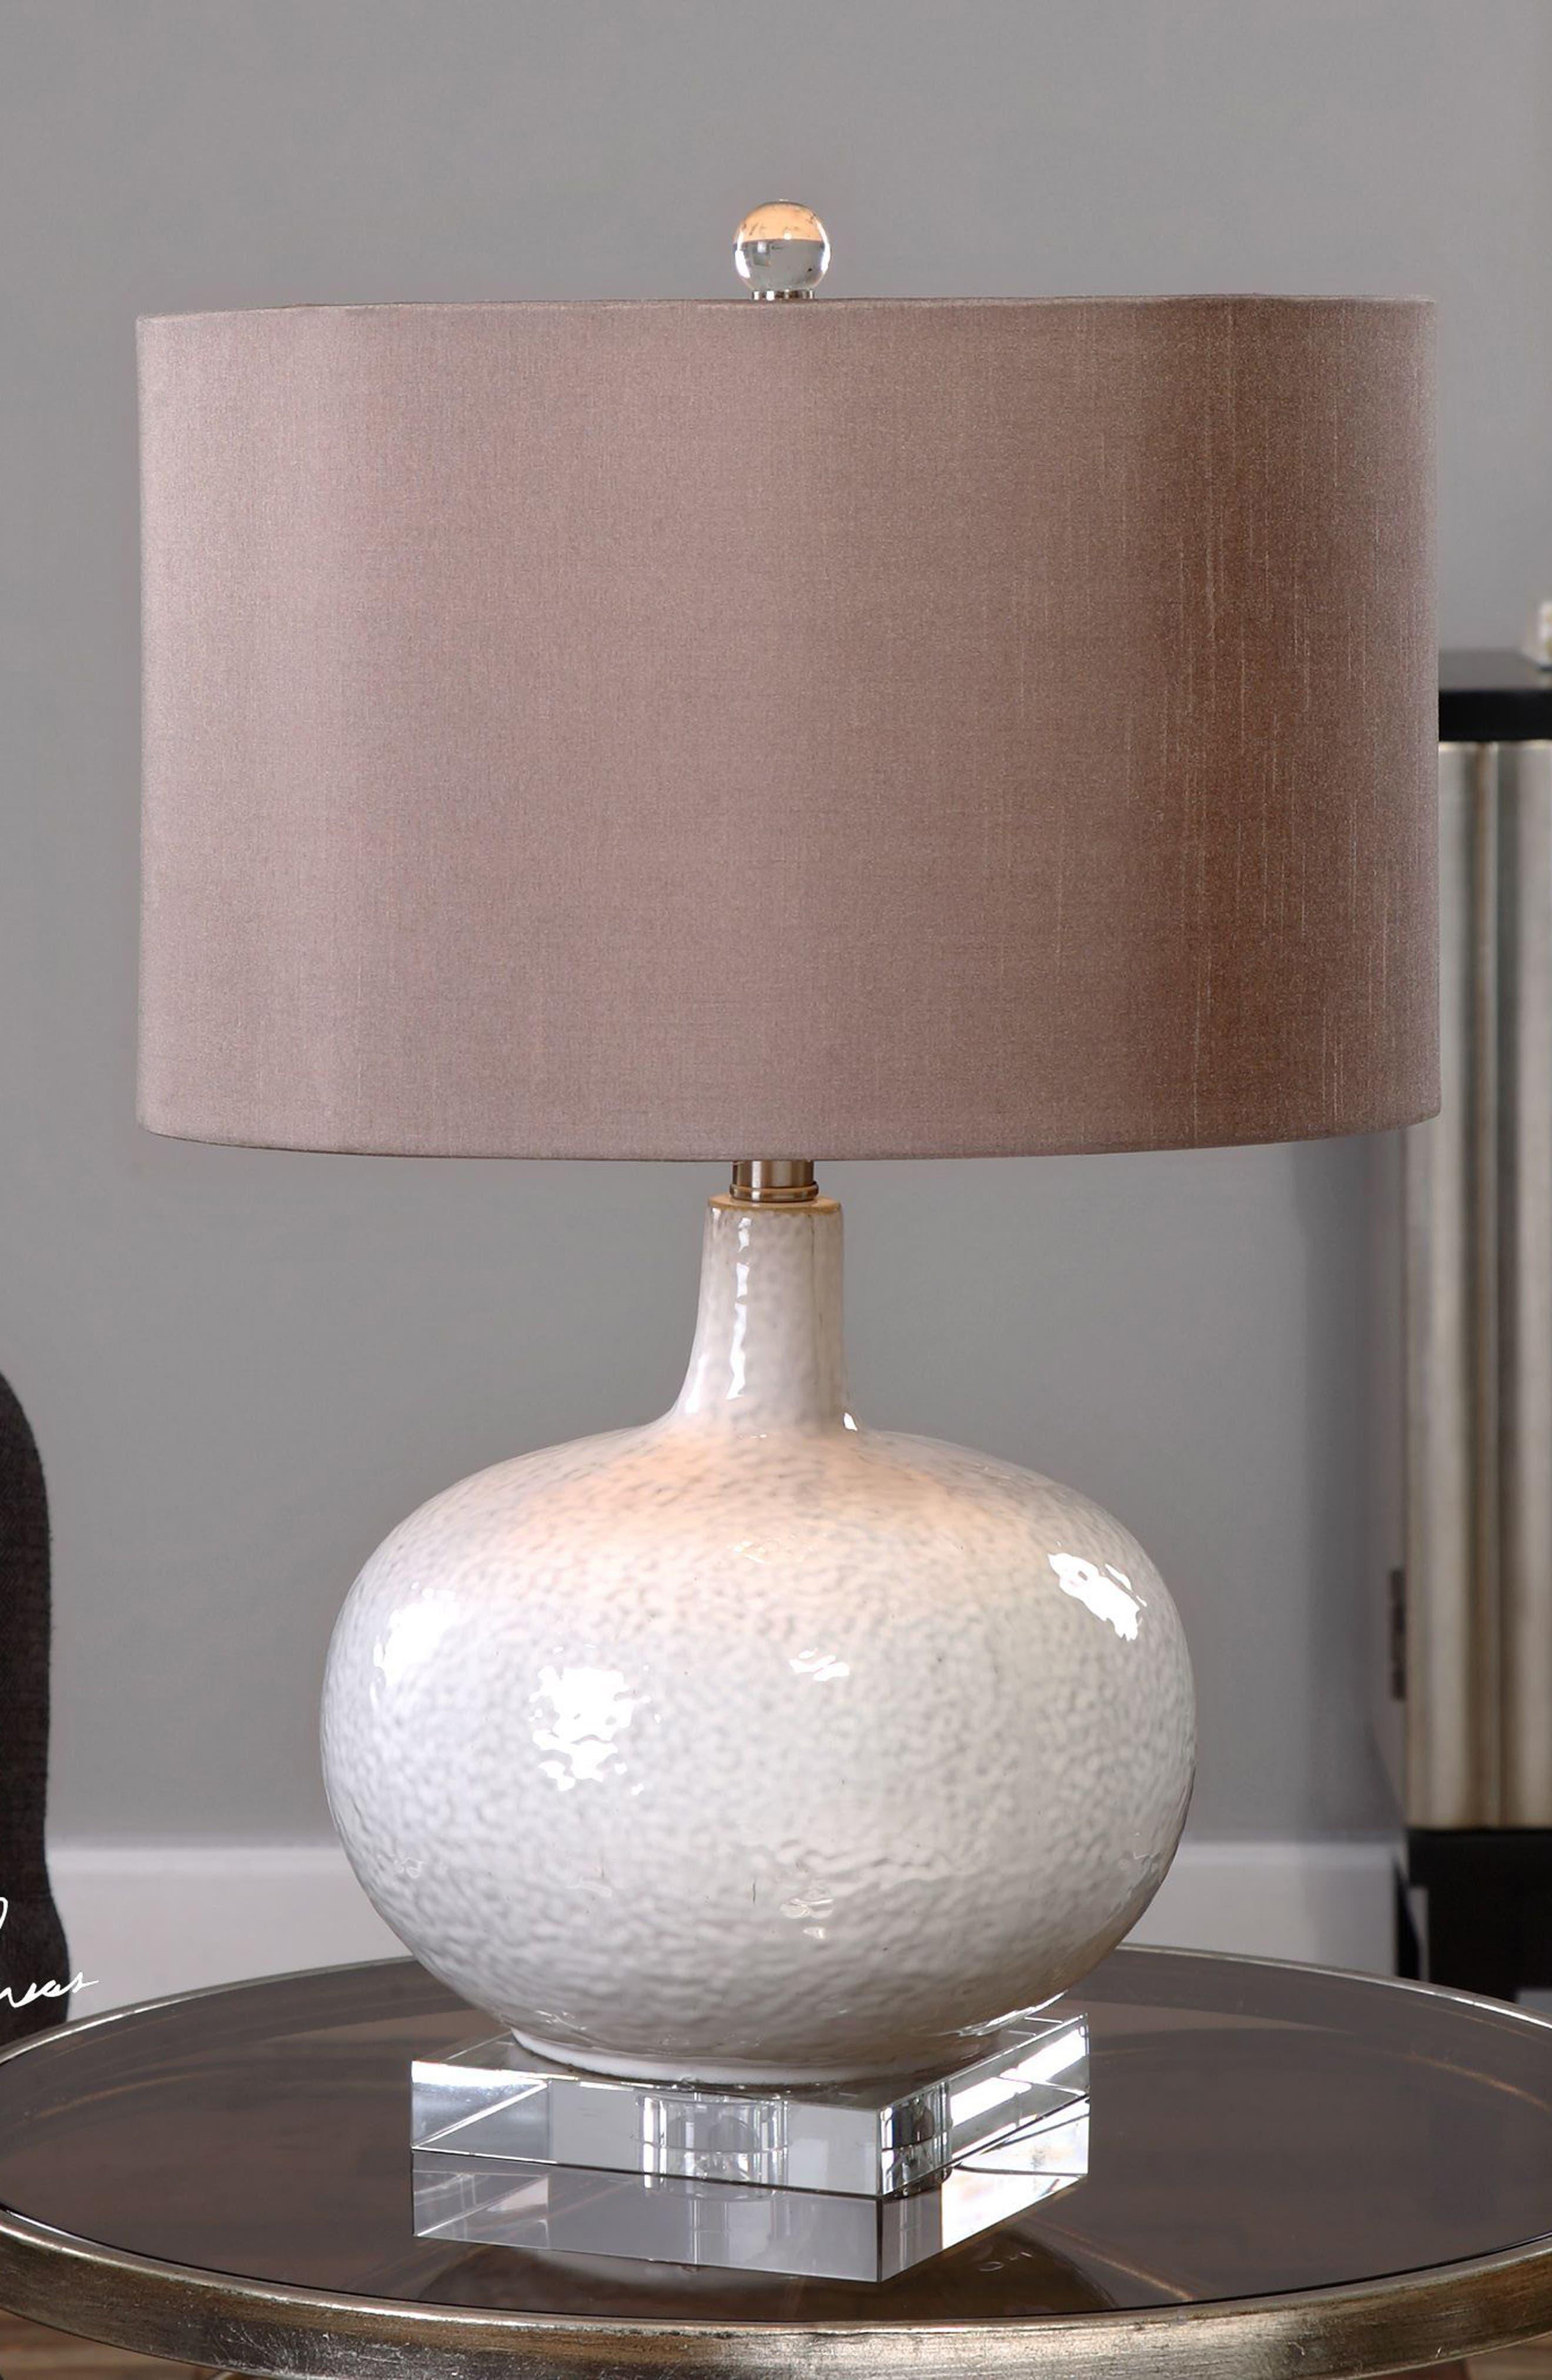 Parvati Table Lamp,                             Alternate thumbnail 2, color,                             White